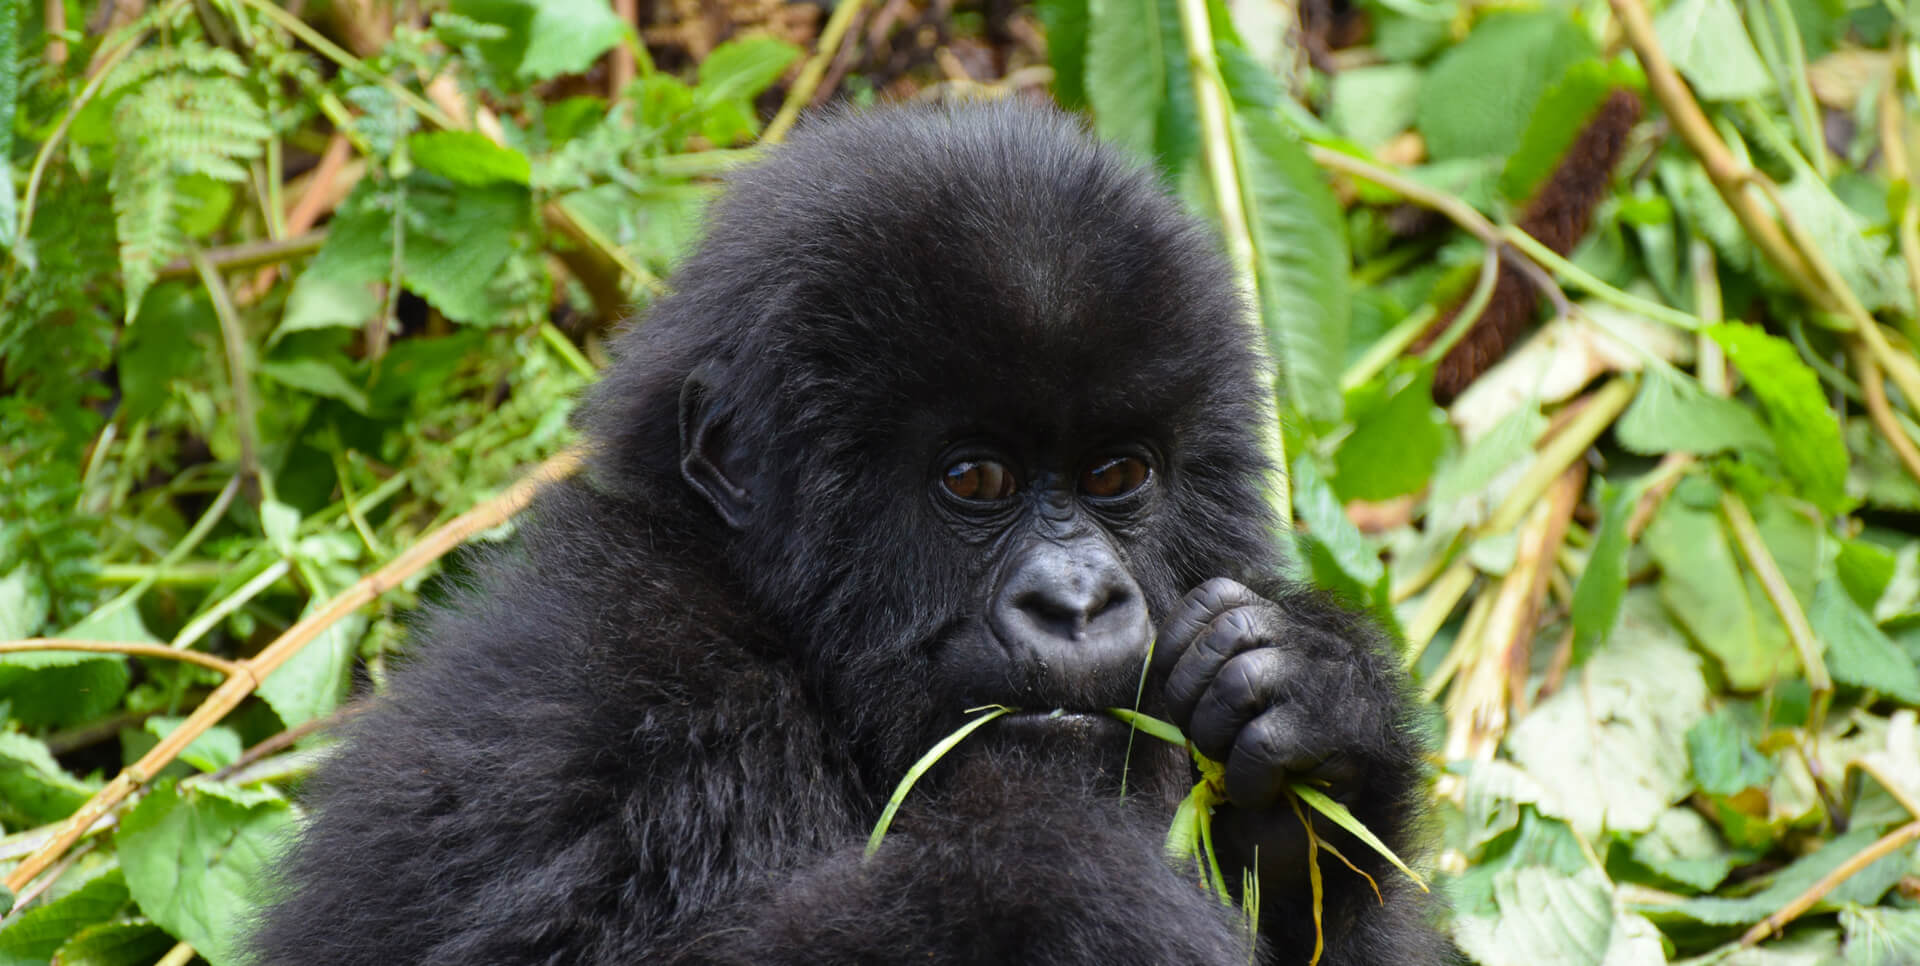 rwanda gorilla safari, gorilla safaris rwanda, rwanda gorilla trekking, gorilla trek rwanda, rwanda gorilla tours, visiting gorillas in rwanda, rwanda gorilla visit, visit rwanda, gorilla trekking rwanda, gorillas in rwanda, rwanda gorillas, wildlife safaris rwanda, uganda tours and safaris, uganda tour packages, rwanda chimpanzee tracking, chimp trekking in rwanda and uganda, visit rwanda, tour rwanda, travel rwanda, holidays in Rwanda, vacation in rwanda, safaris in rwanda, rwanda tours and travel, trip to rwanda, safari to rwanda, wildlife safaris in Rwanda, amazing rwanda, beautiful rwanda, rwanda gorilla trip, gorilla habituation experience, gorilla trekking tours, mountain gorillas, trekking safaris in rwanda, uganda trekking tours, gorilla adventure tours, gorilla trek africa, jungle african adventure